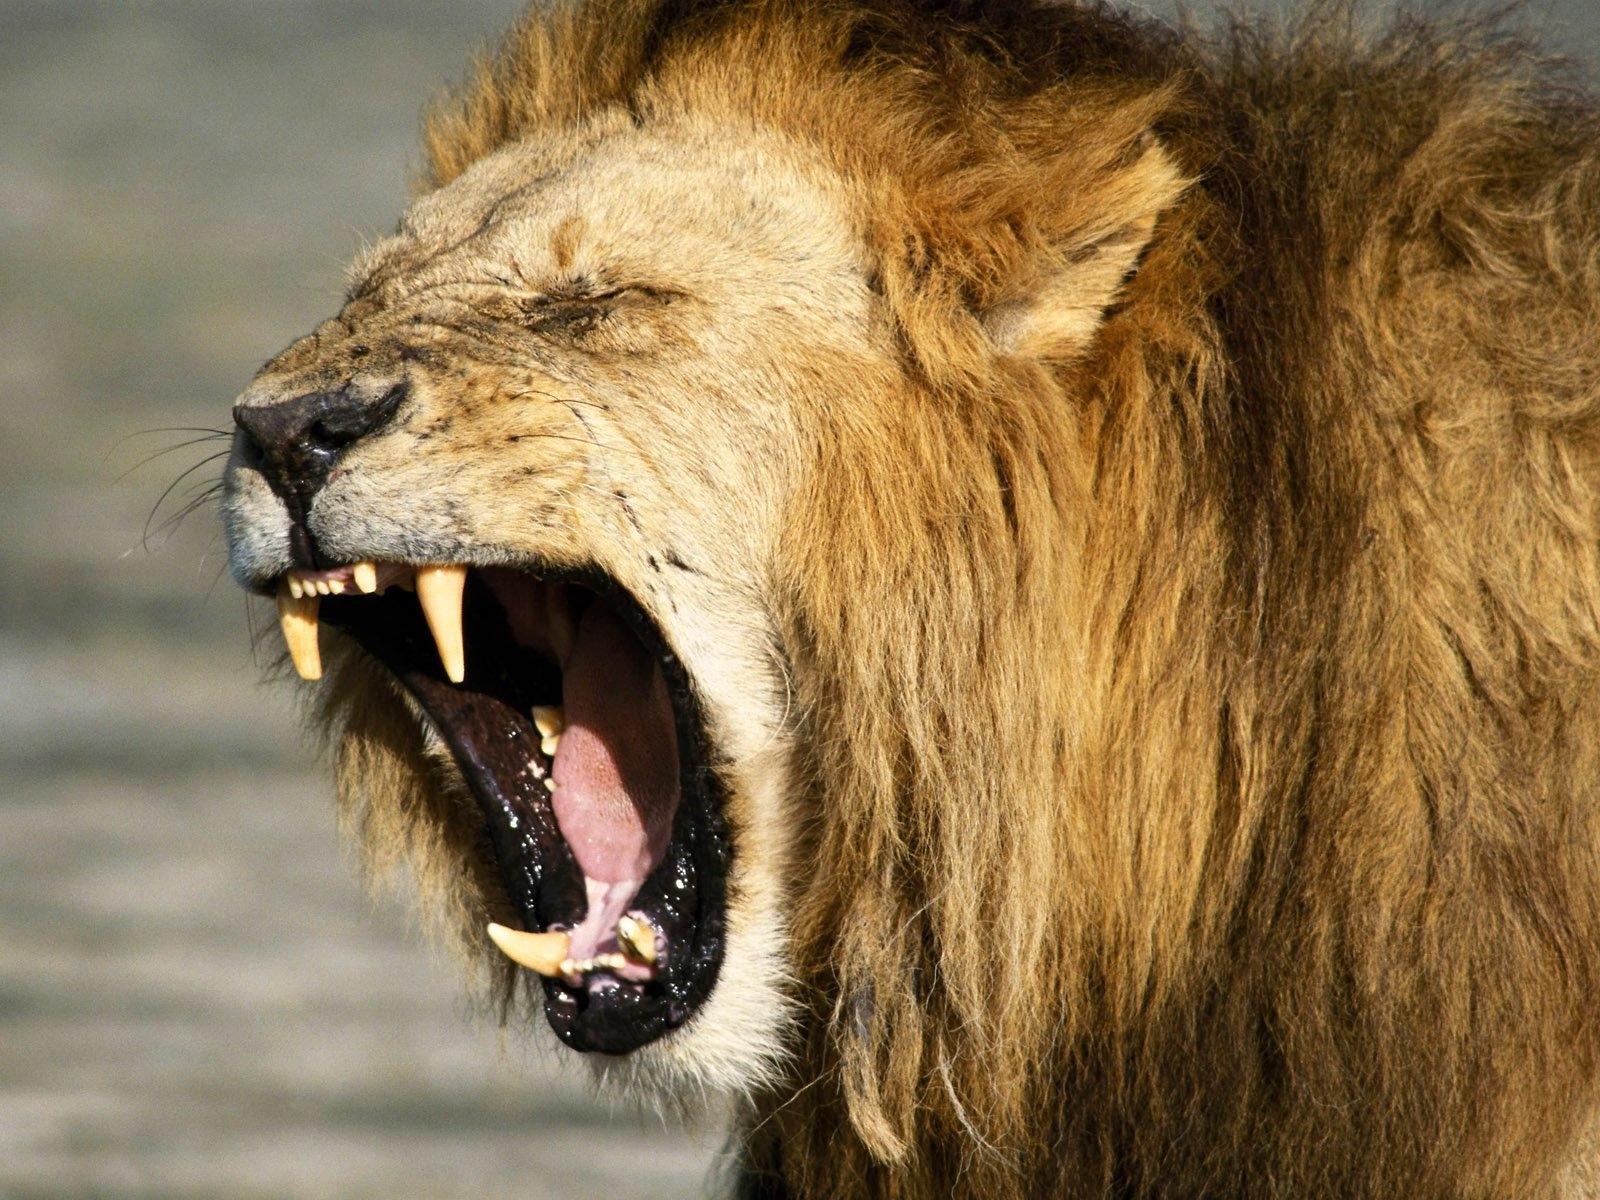 Imagenes de leones imagen leon muy cabreado - Videos animales salvajes apareandose ...